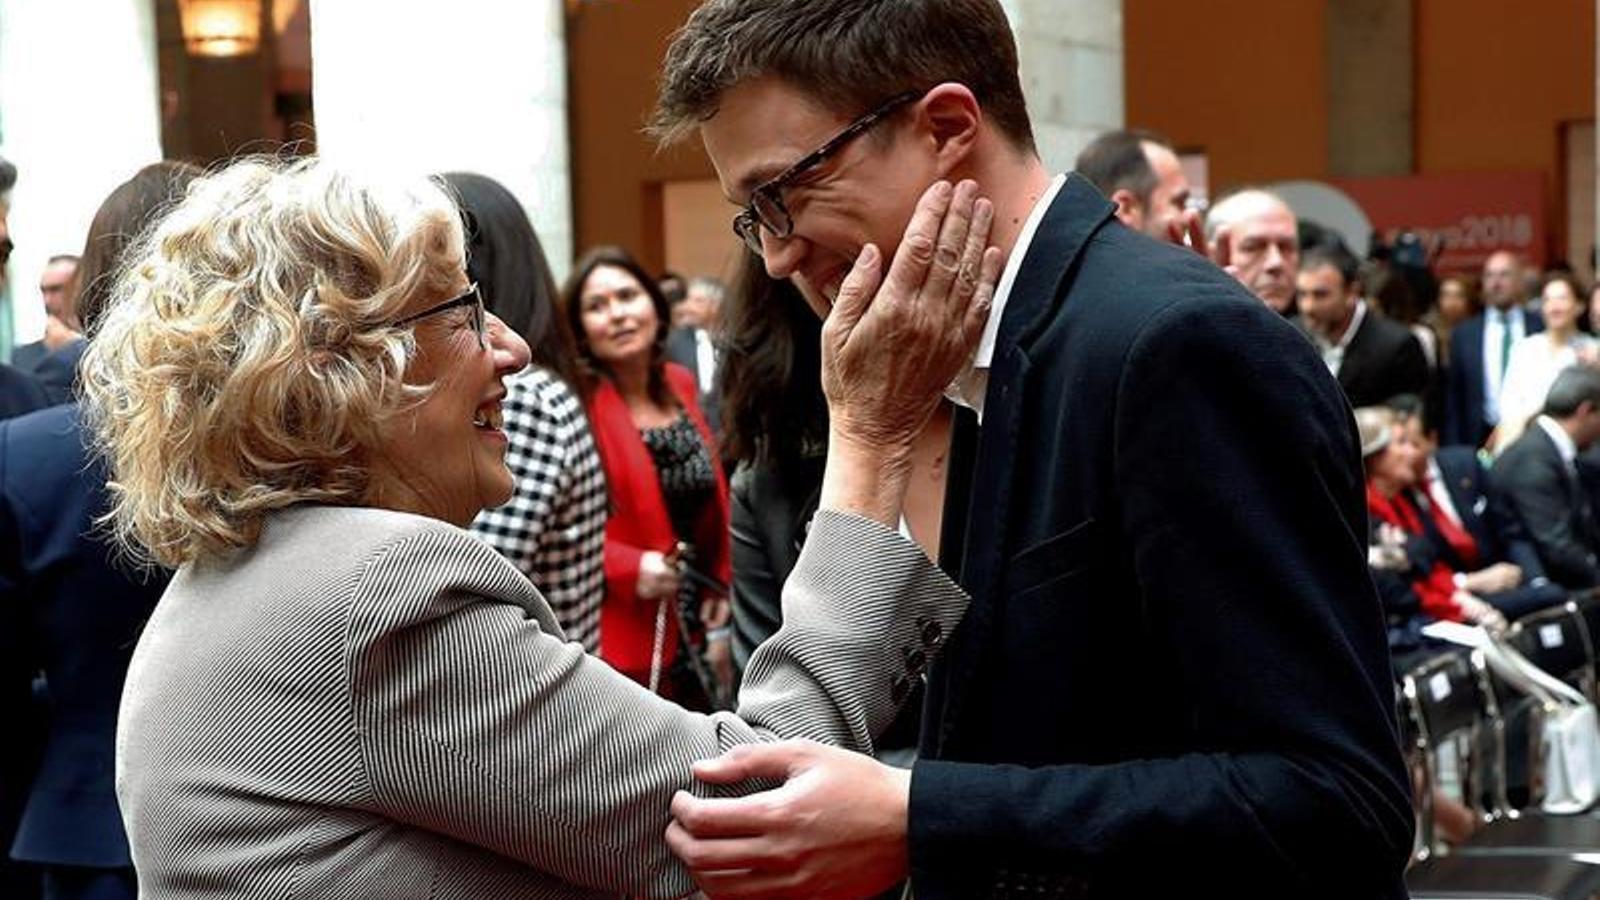 L'alcaldessa de Madrid, Manuela Carmena, i el candidat a la presidència de la Comunitat, Íñigo Errejón, en una imatge d'arxiu